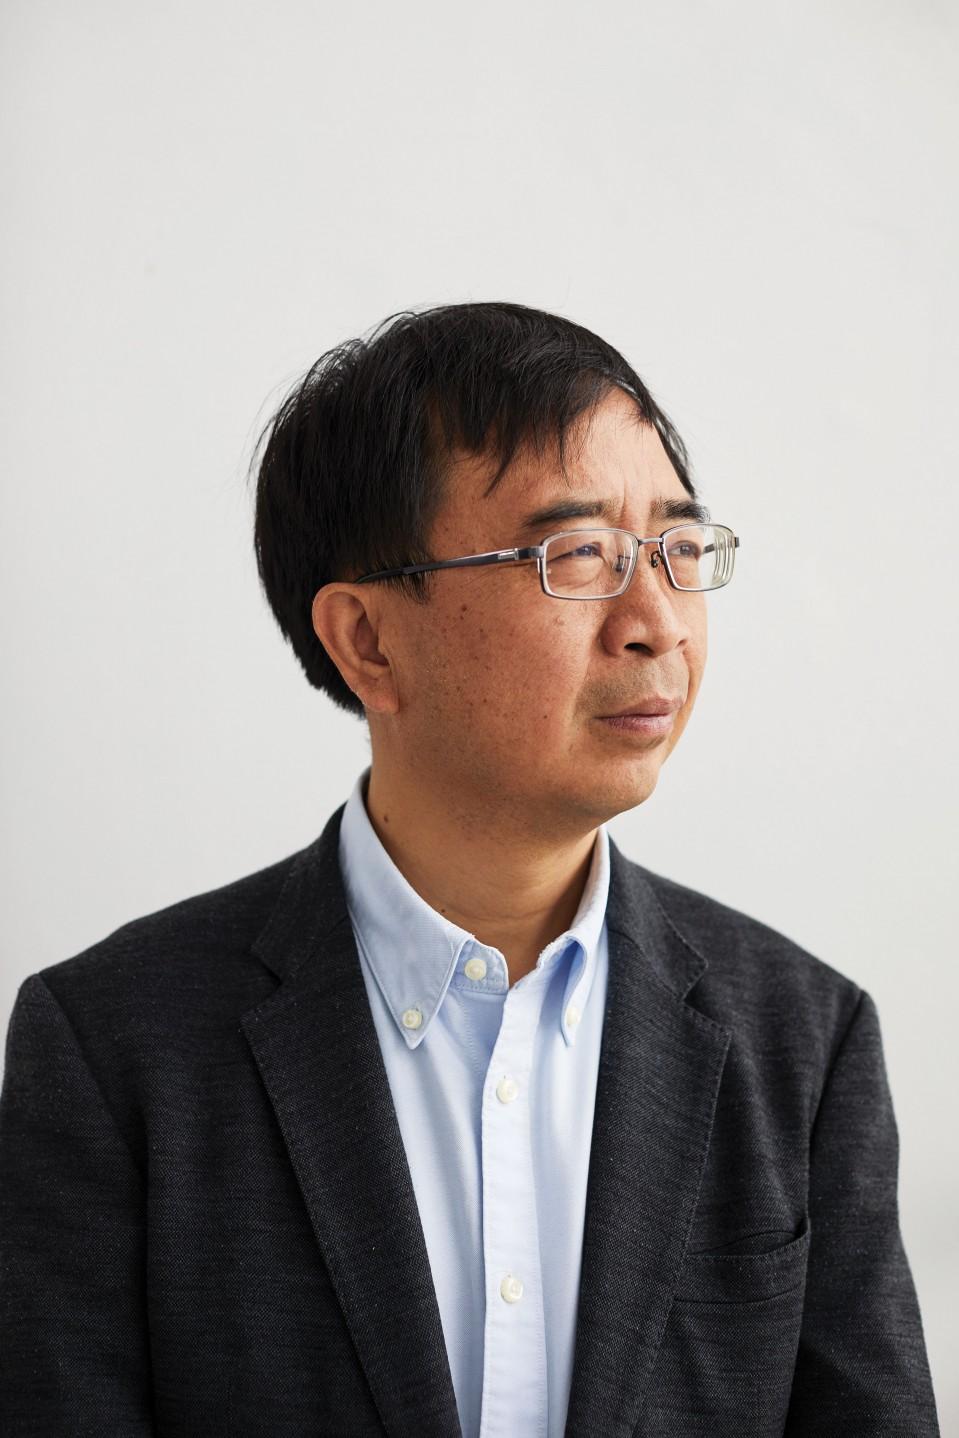 Photograph of Jian-Wei Pan